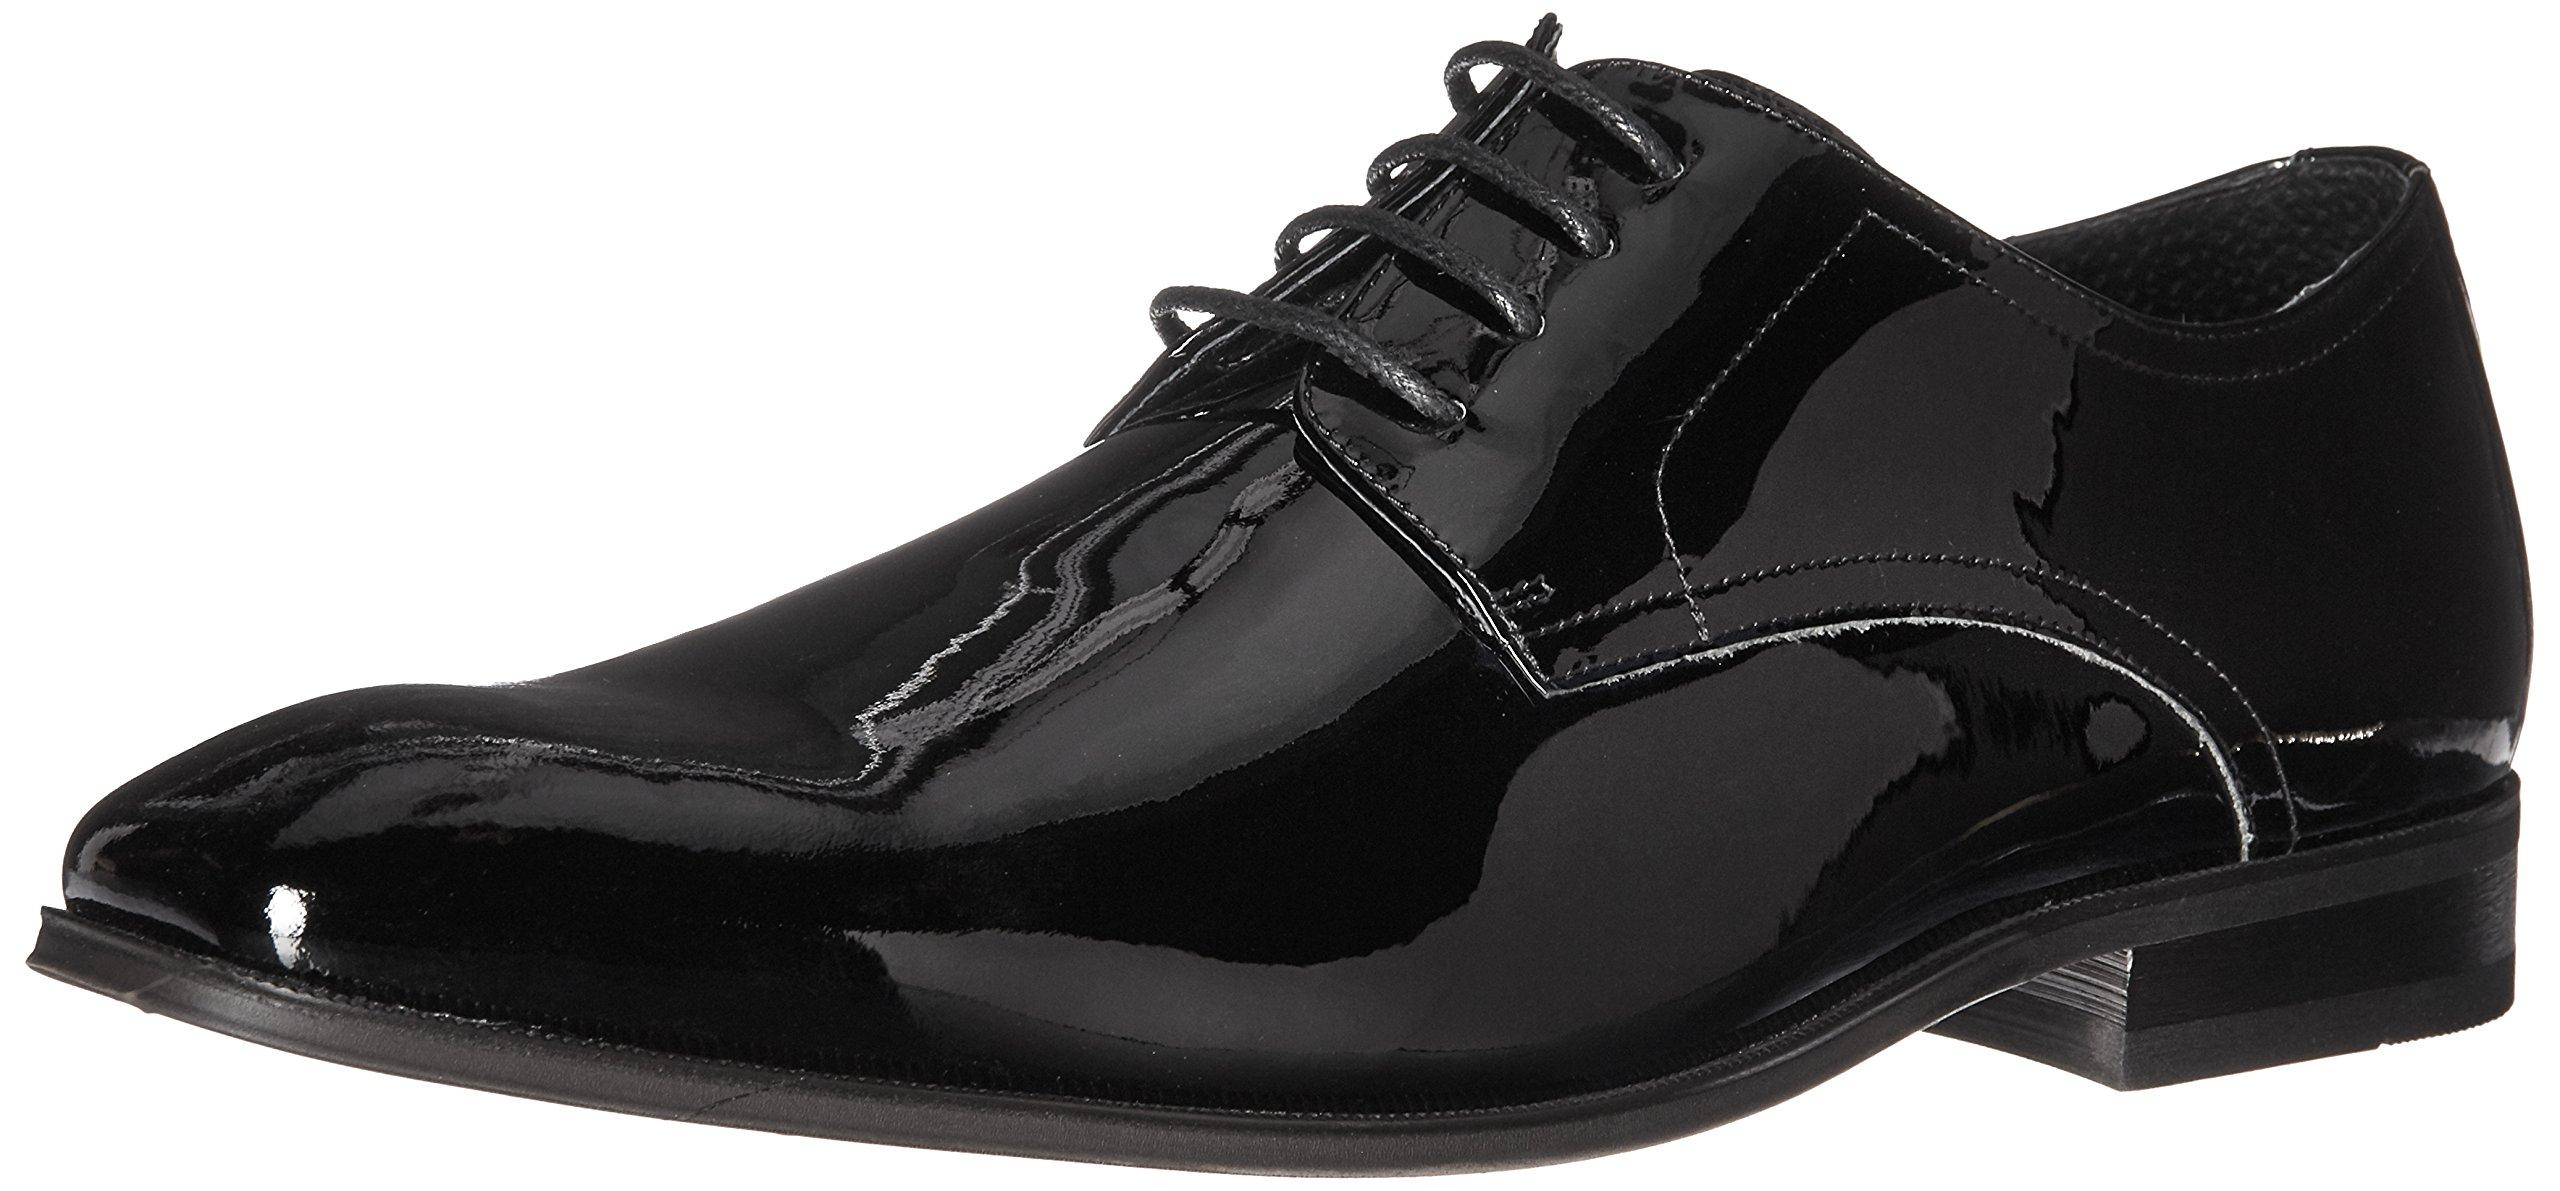 Florsheim Men's Tux Plain Toe Tuxedo Formal Oxford, Black Patent, 10 3E US